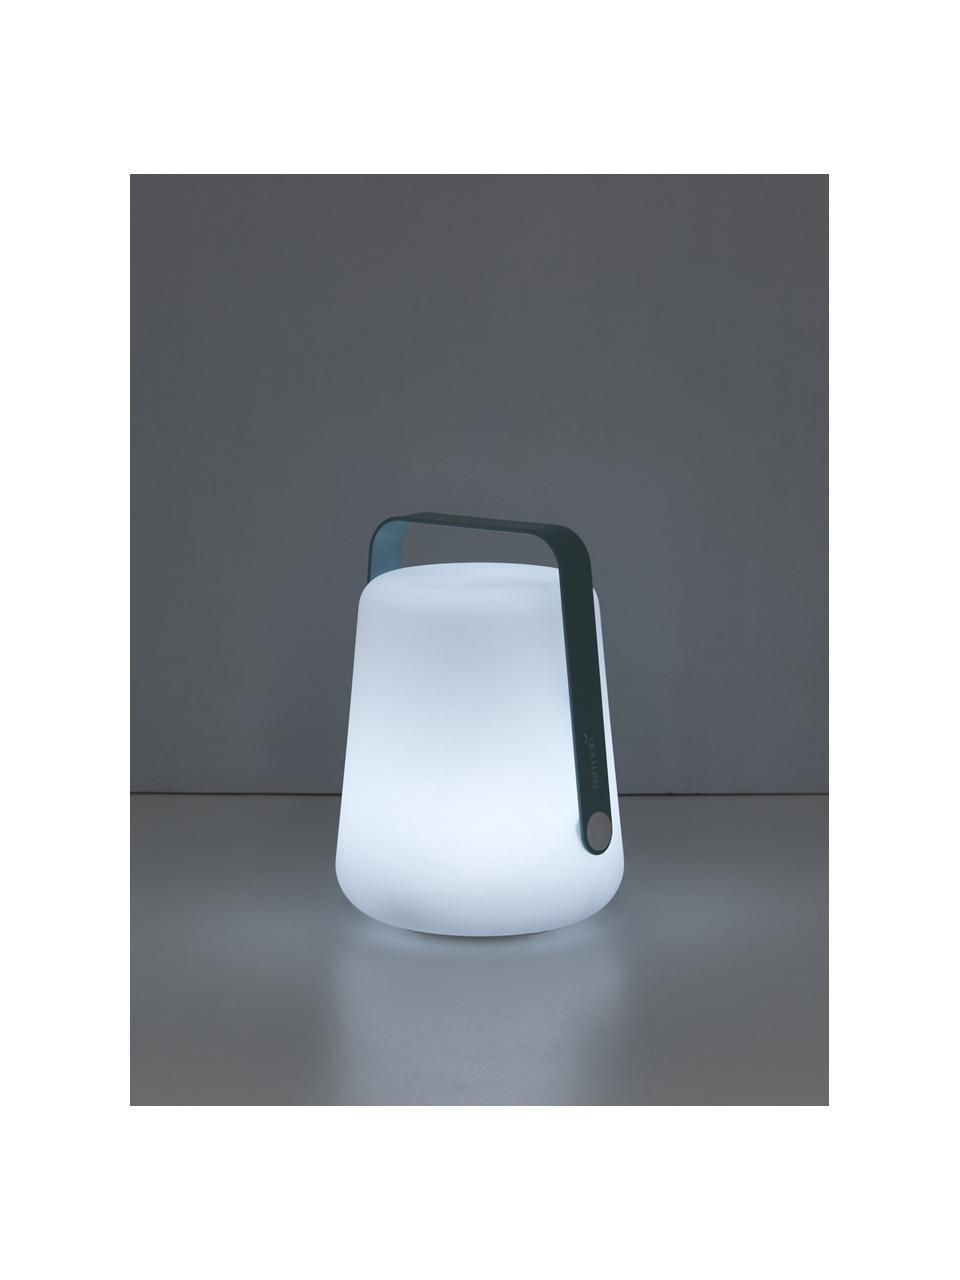 Mobile Dimmbare Außentischlampe Balad, Lampenschirm: Polyethen, für den Außenb, Griff: Aluminium, lackiert, Lagunenblau, Ø 19 x H 25 cm